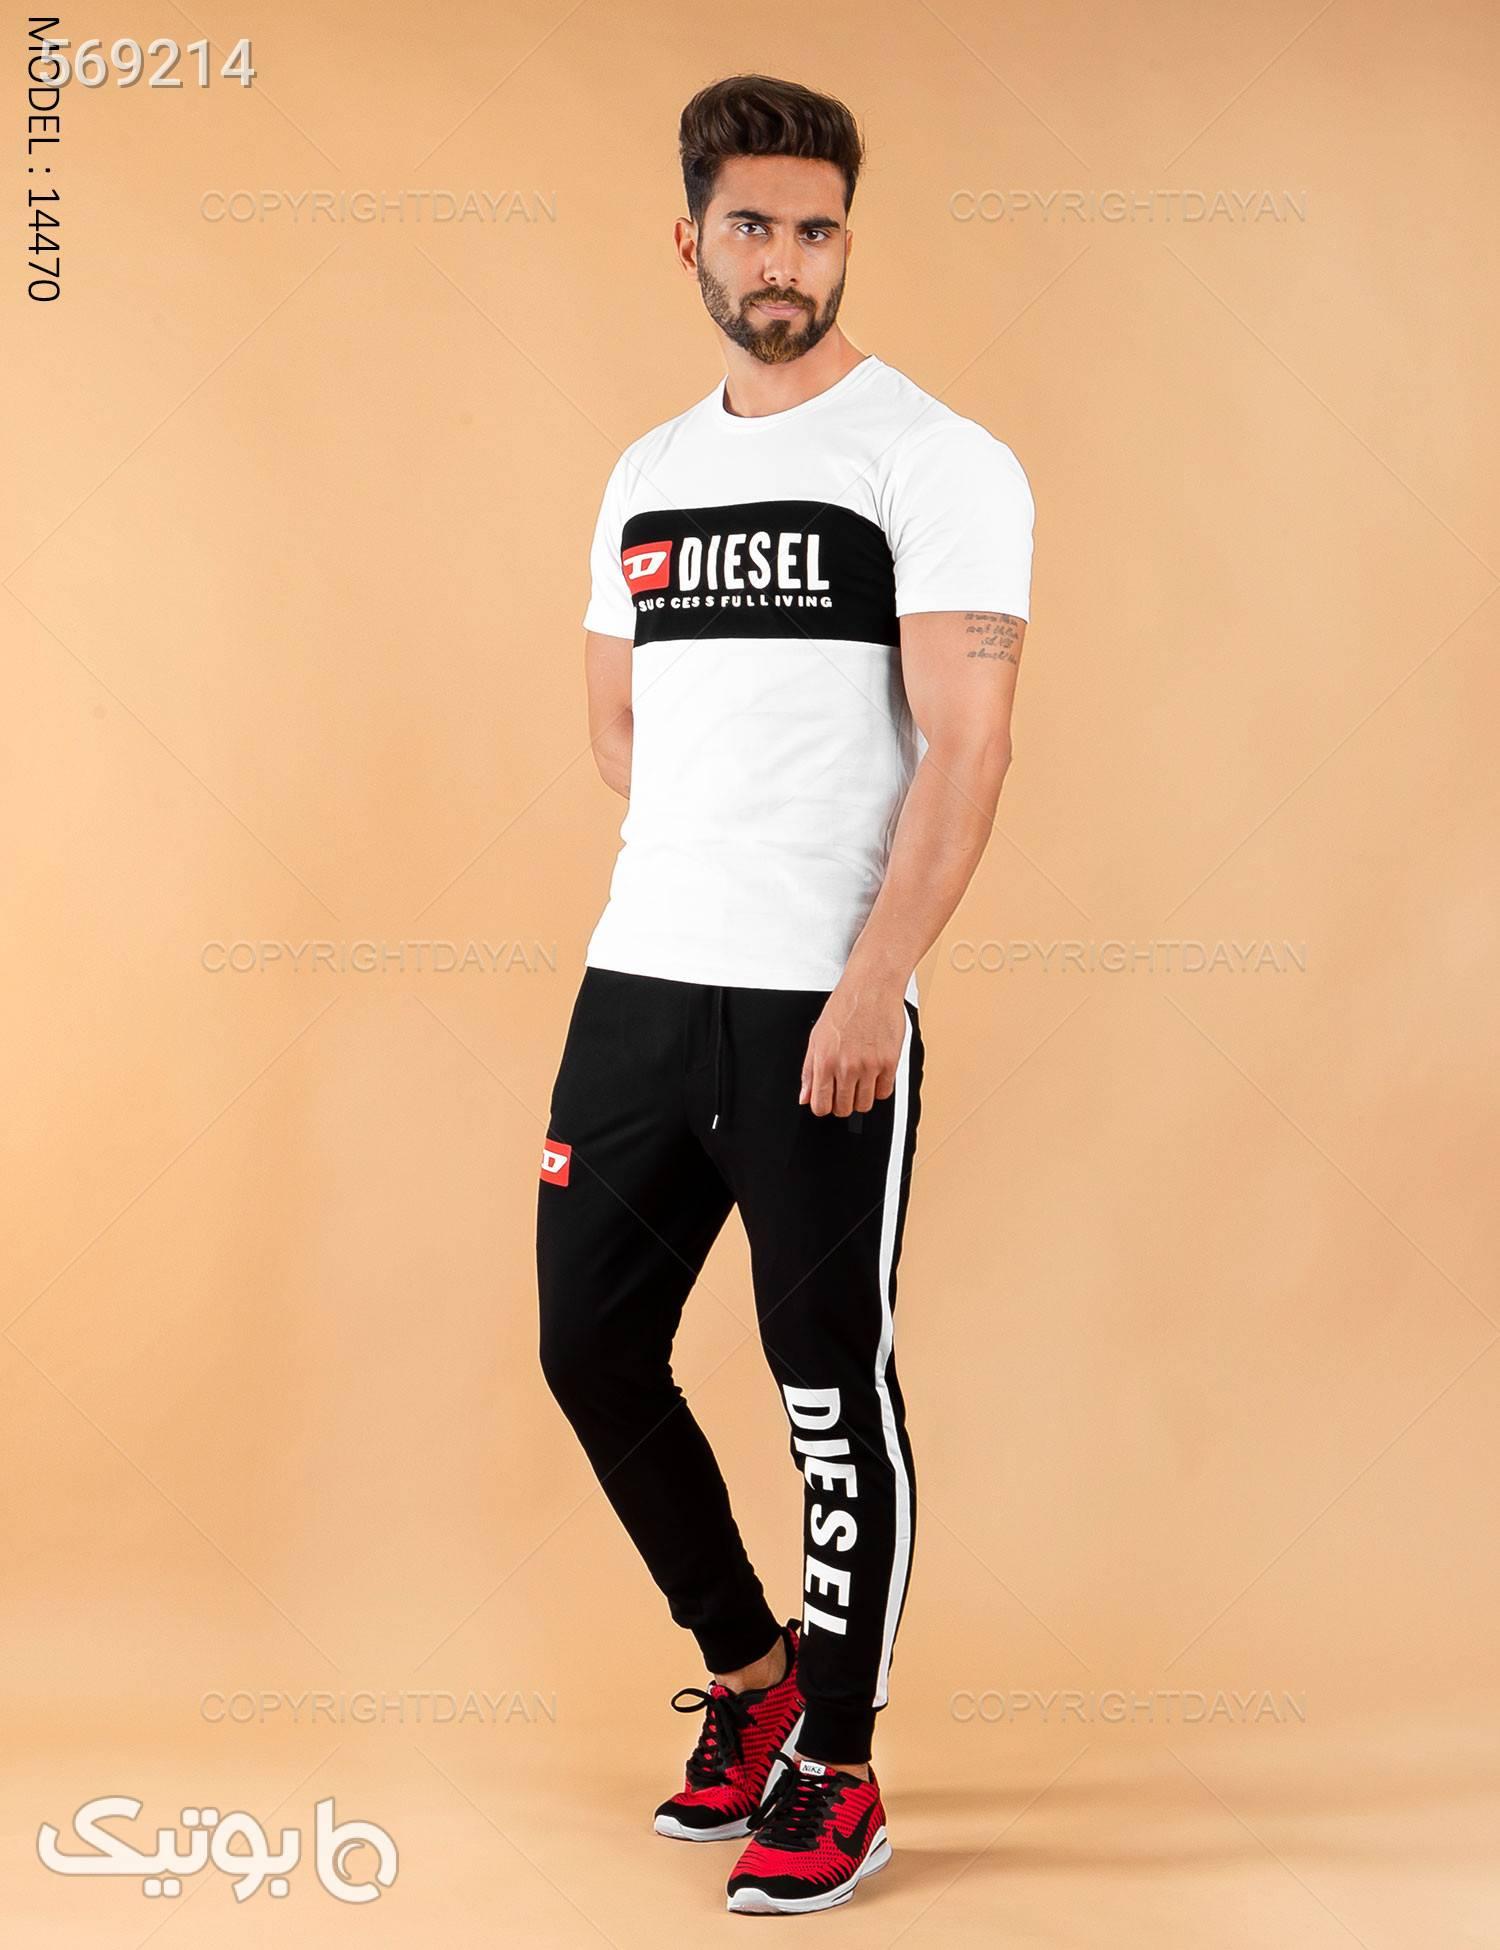 ست تیشرت و شلوار مردانه Diesel مدل 14470 سفید تی شرت و پولو شرت مردانه